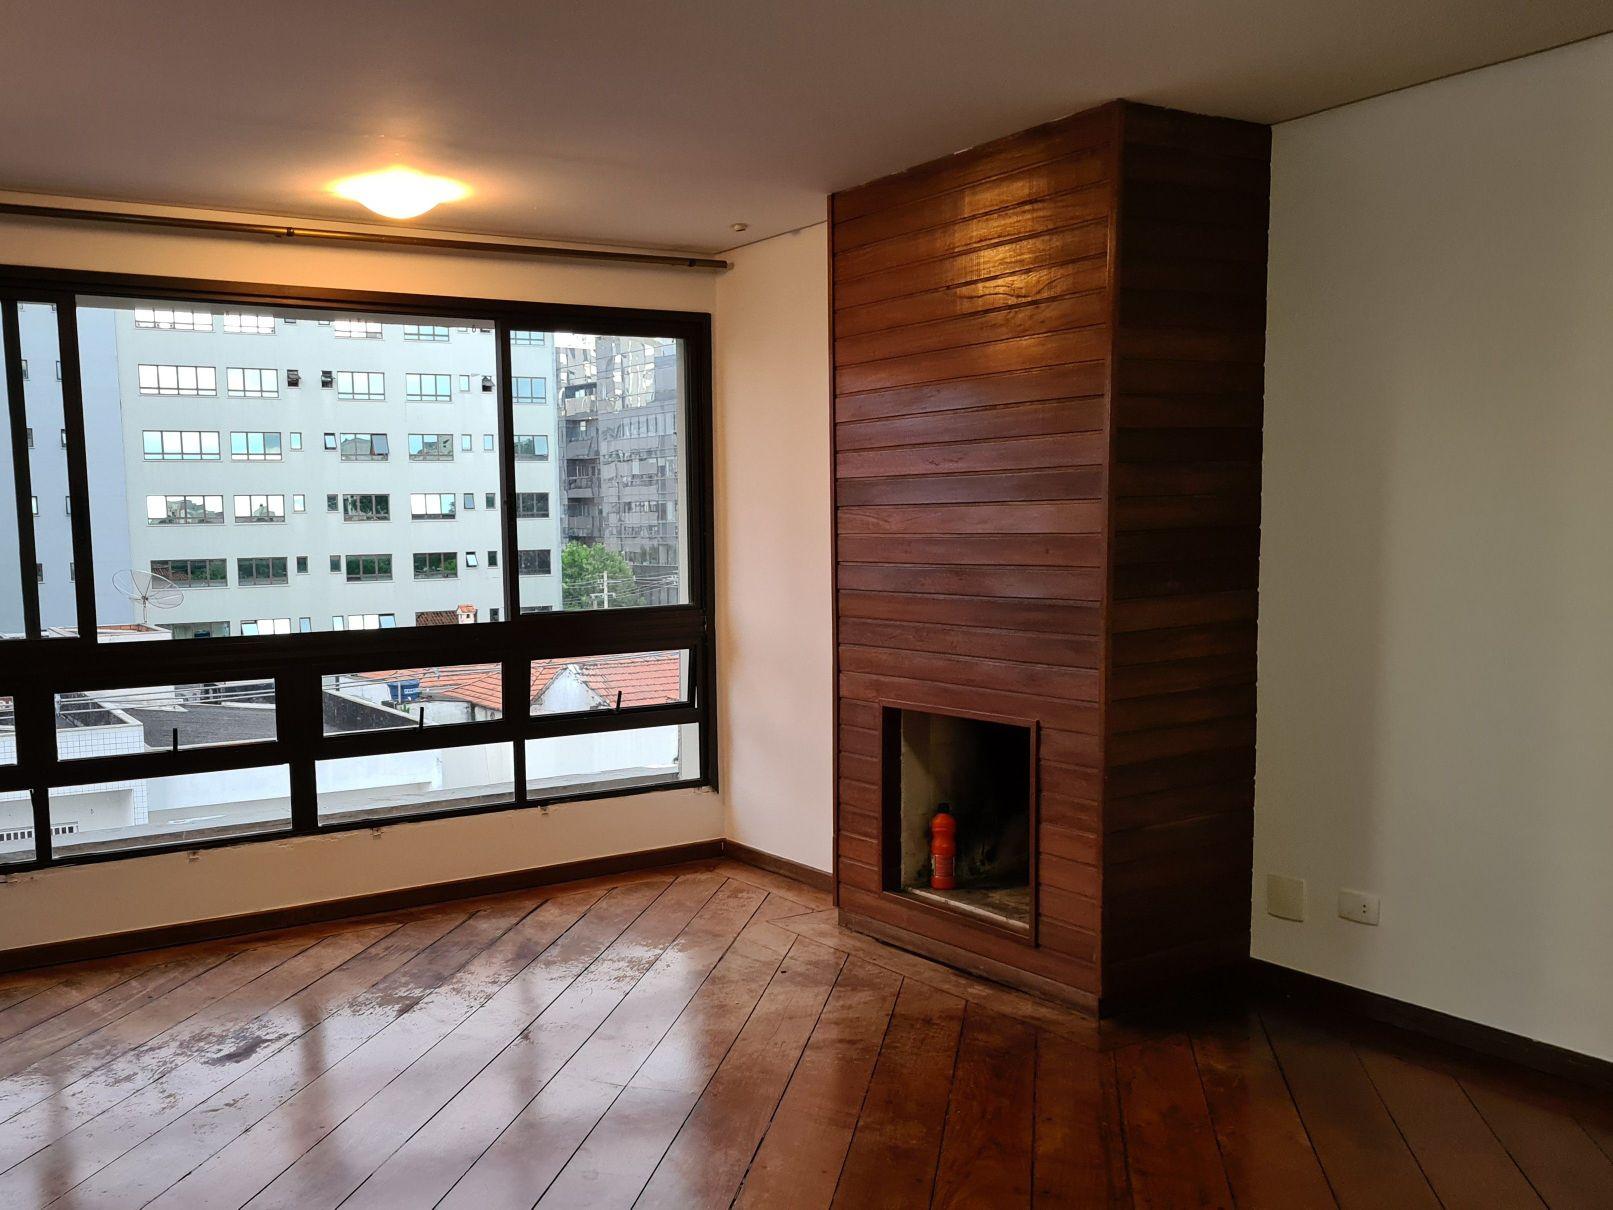 pintura em apartamento vila Mariana